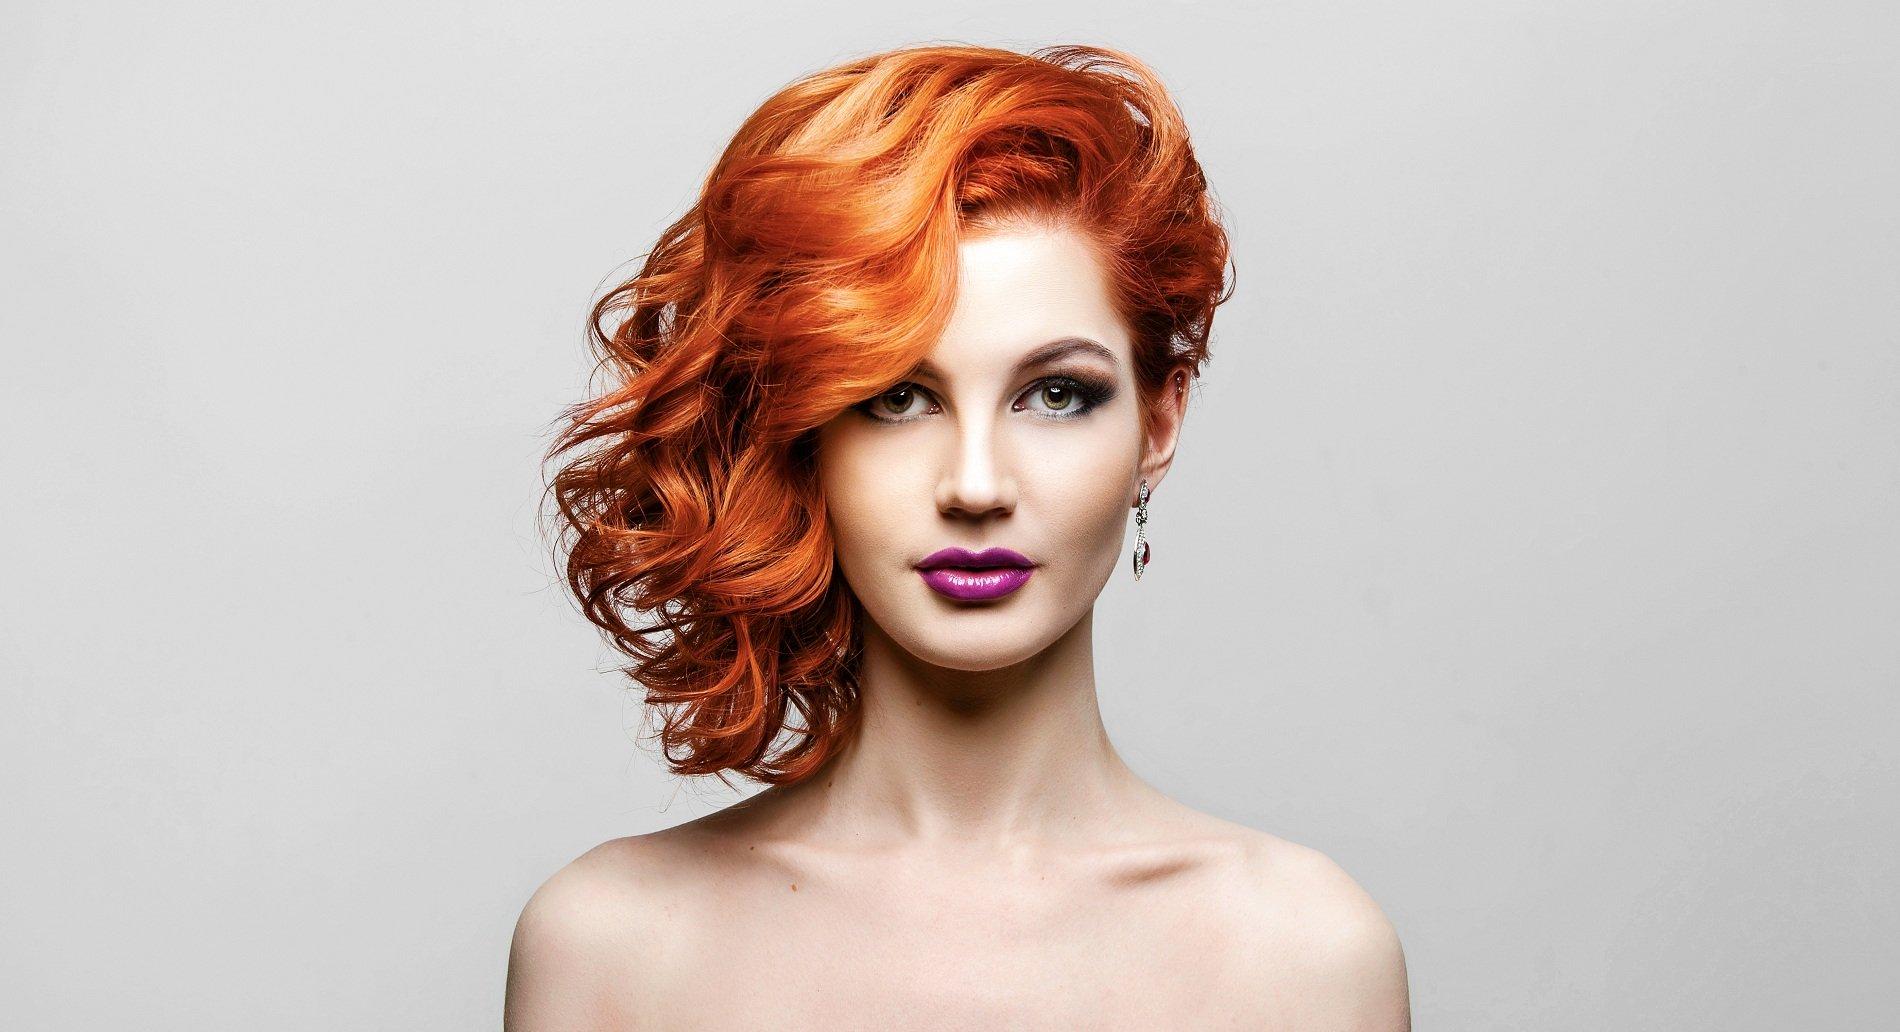 una ragazza con capelli arancioni mossi